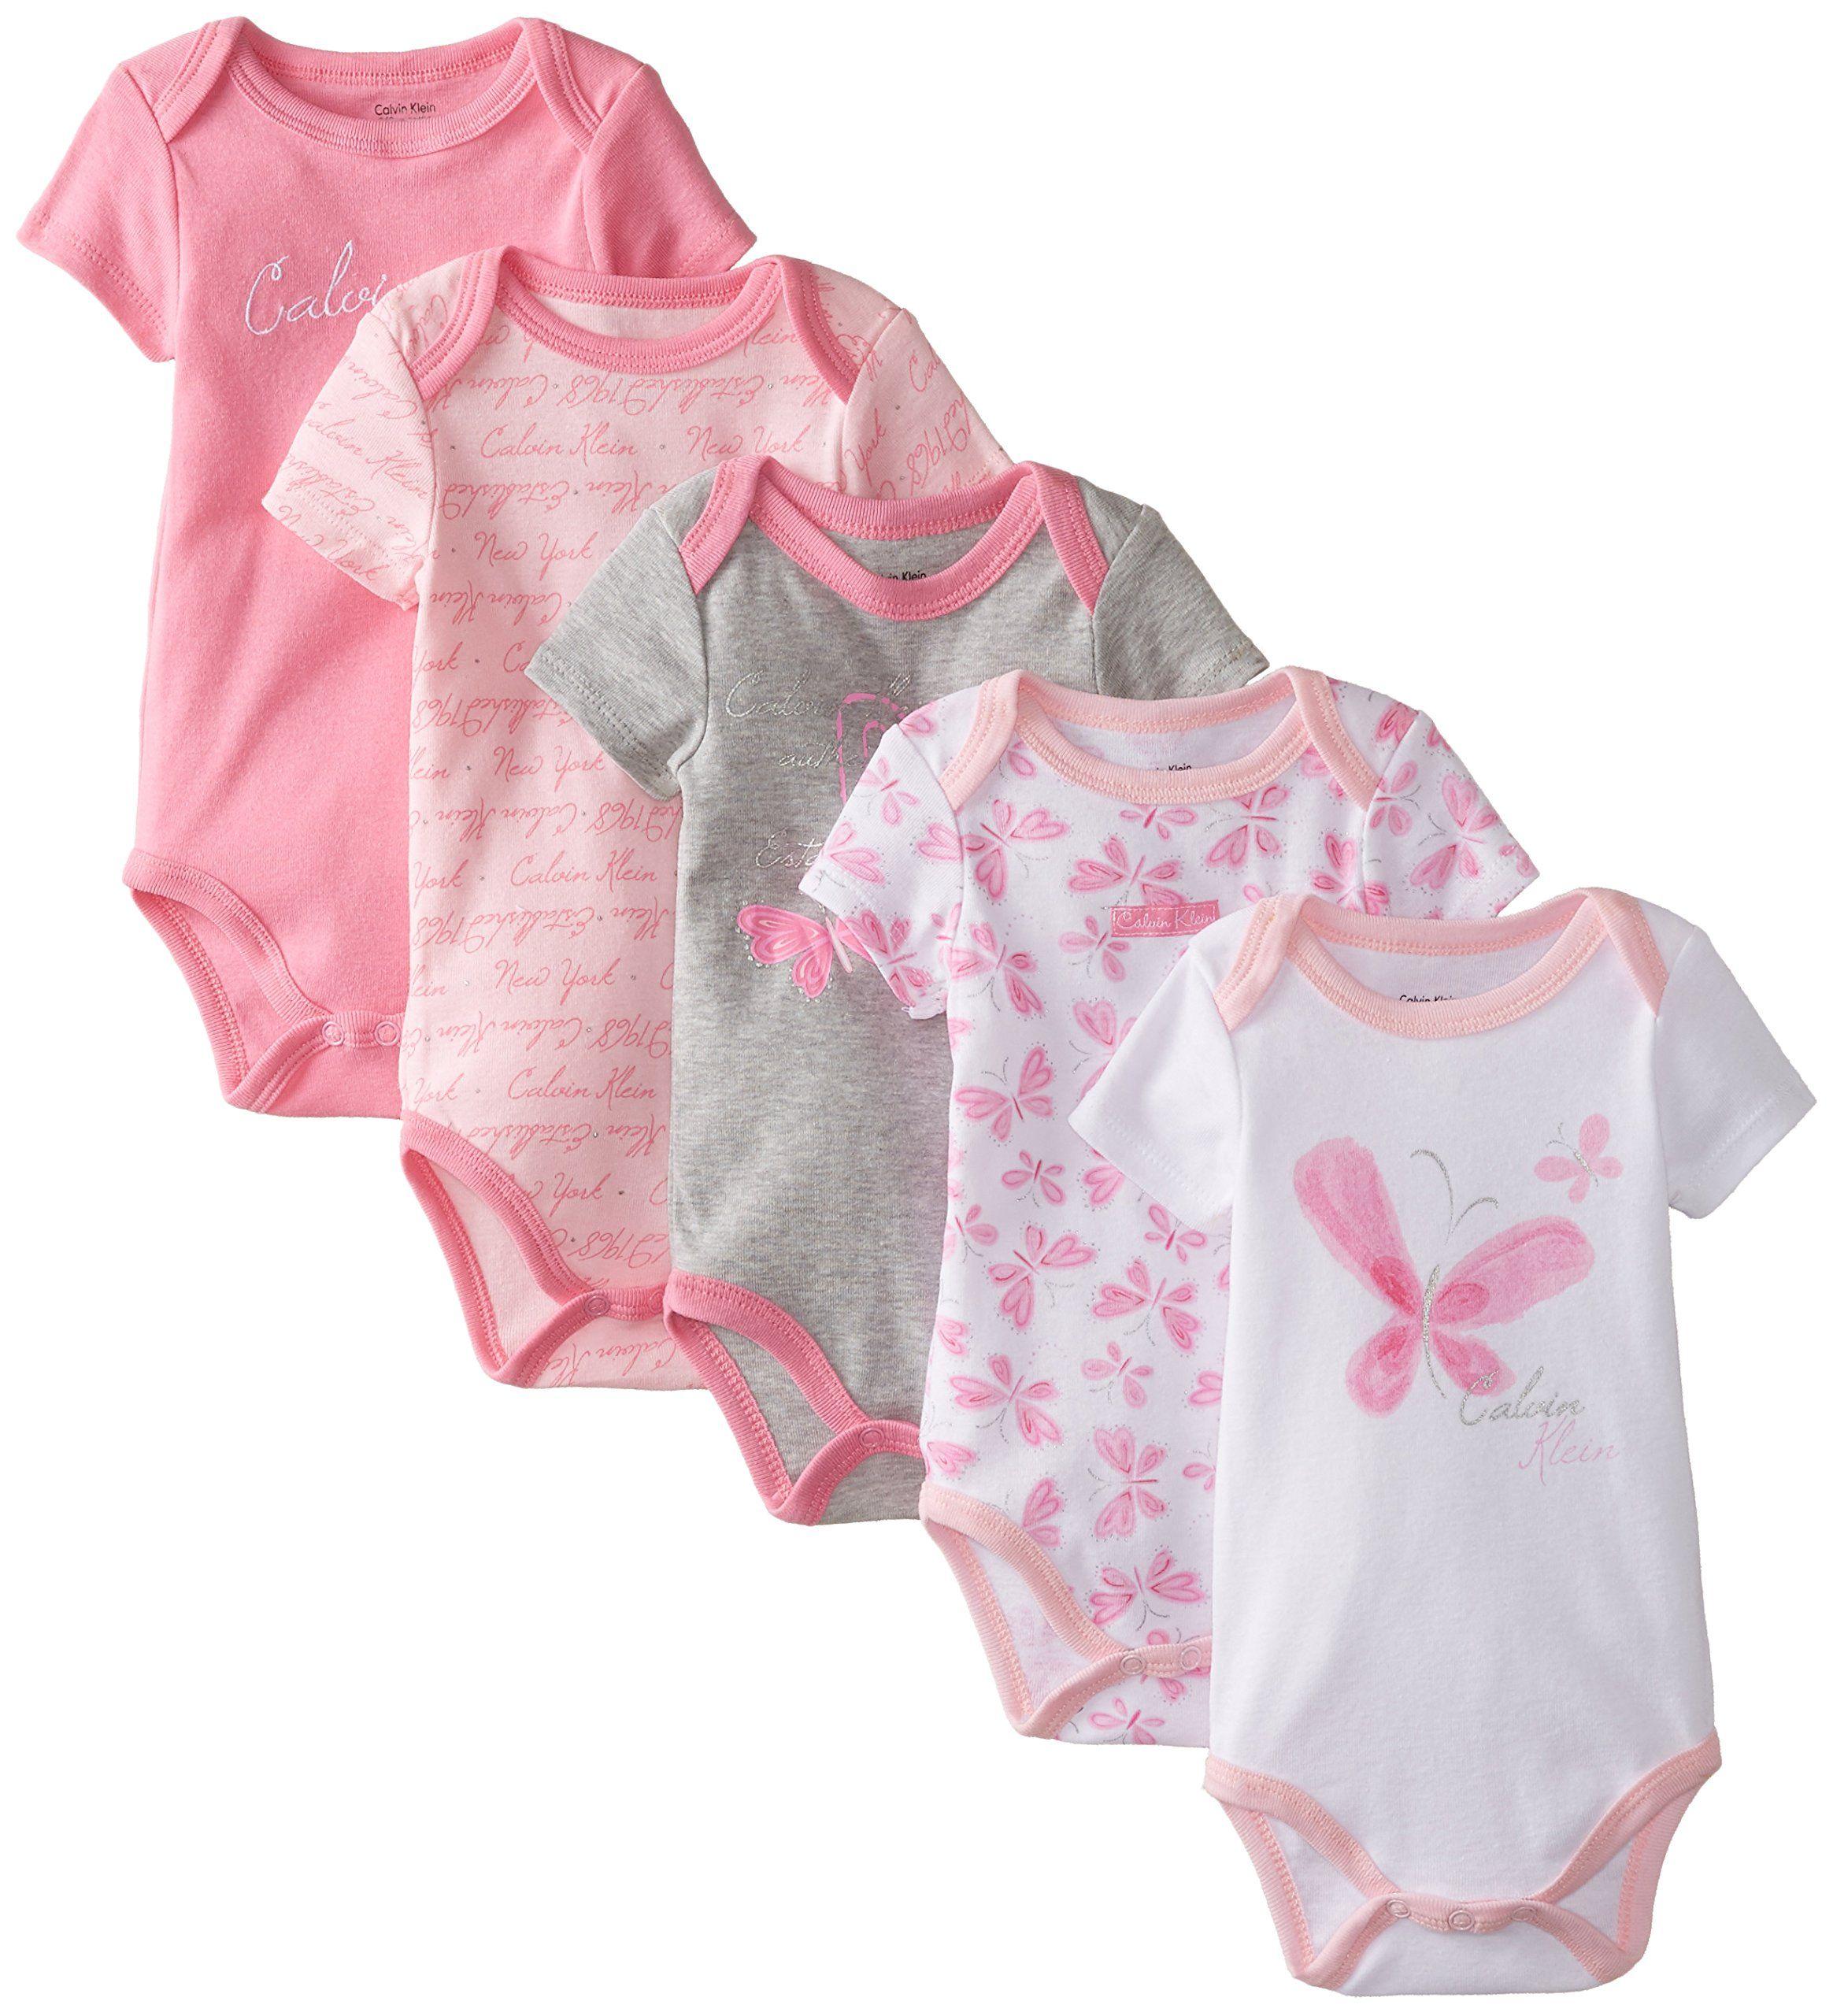 Sale Calvin Klein Baby Girls Newborn 5 Pack Bodysuits Pink